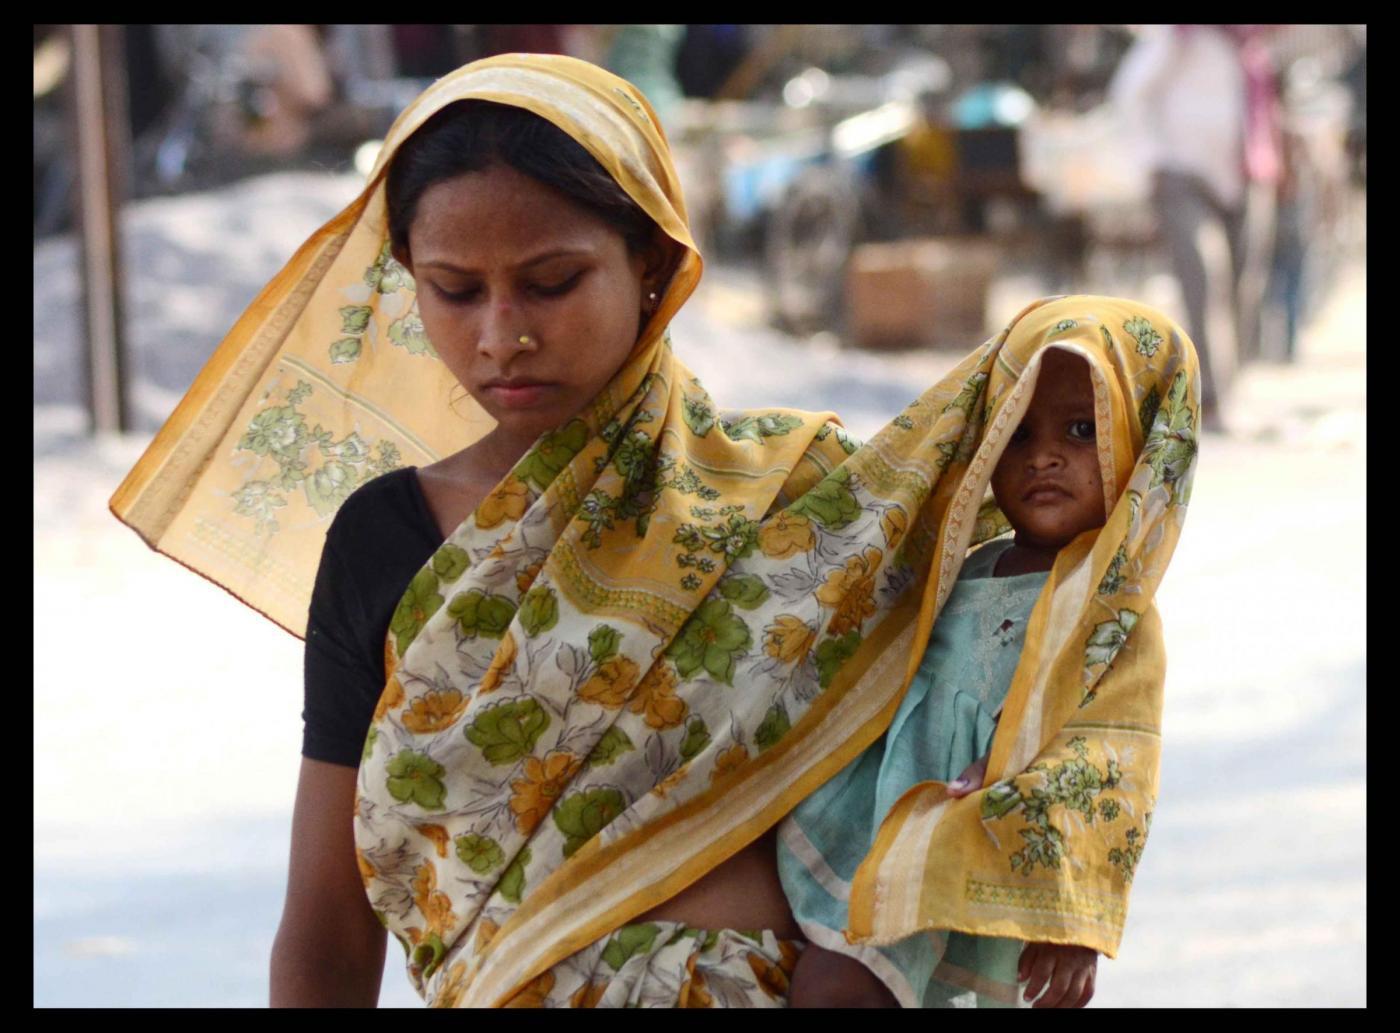 Video dello stupro in vendita in India a meno di un euro